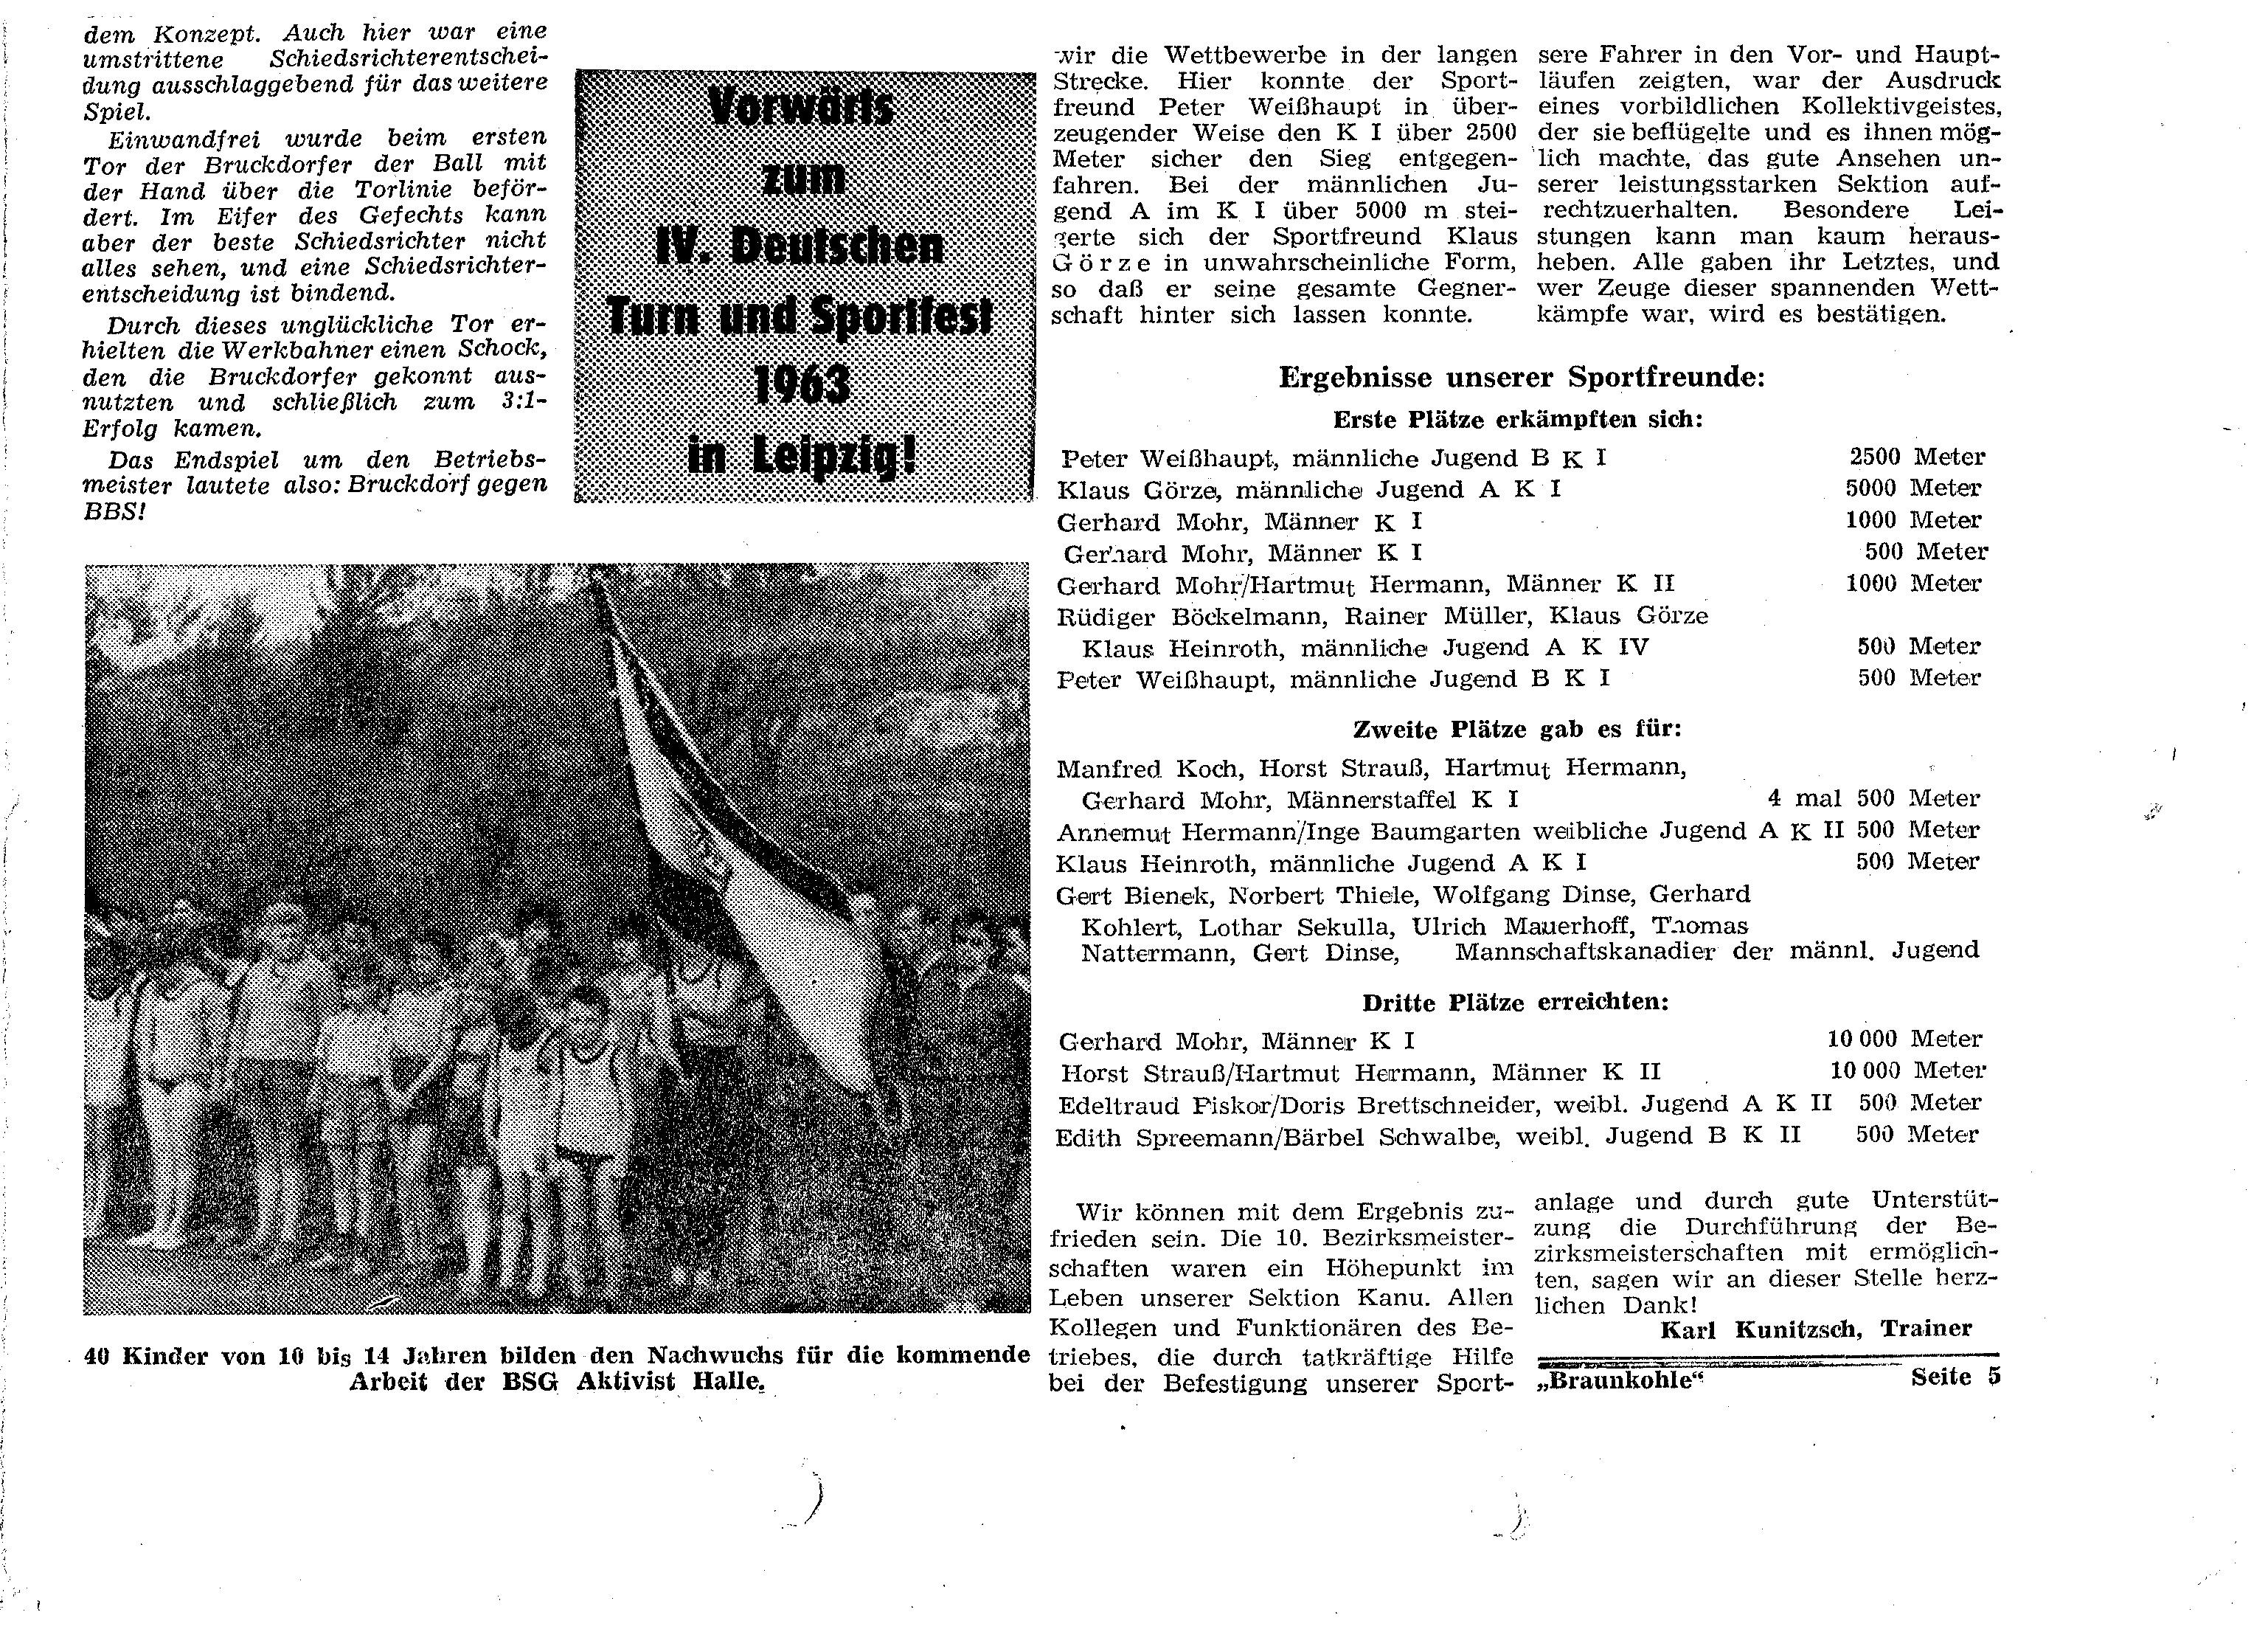 1963 Vorwärts zum 4 Deutschen Turnfest in Leipzig